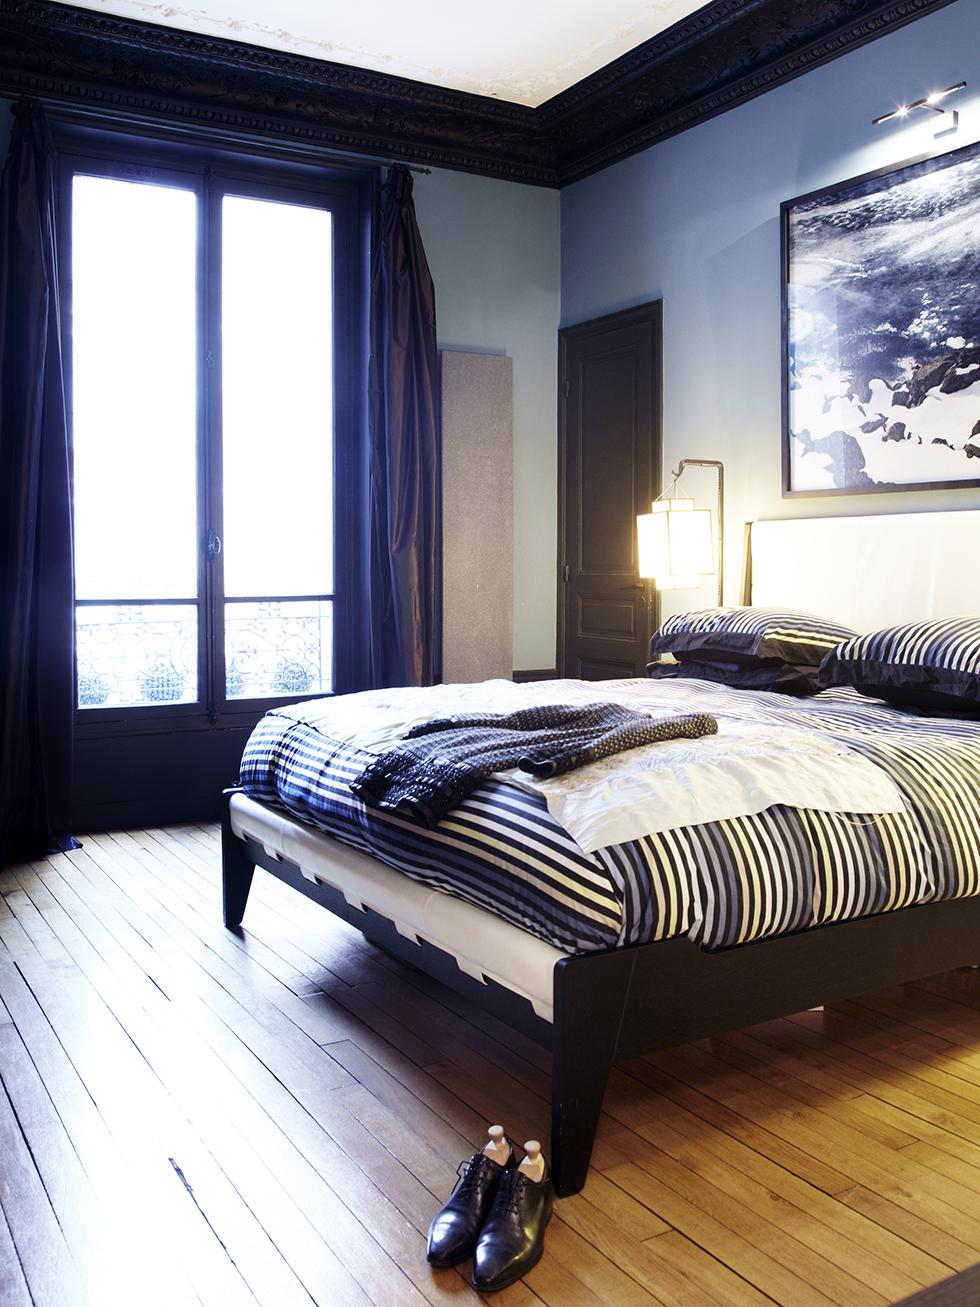 Un intérieur parisien so chic - Frenchy Fancy